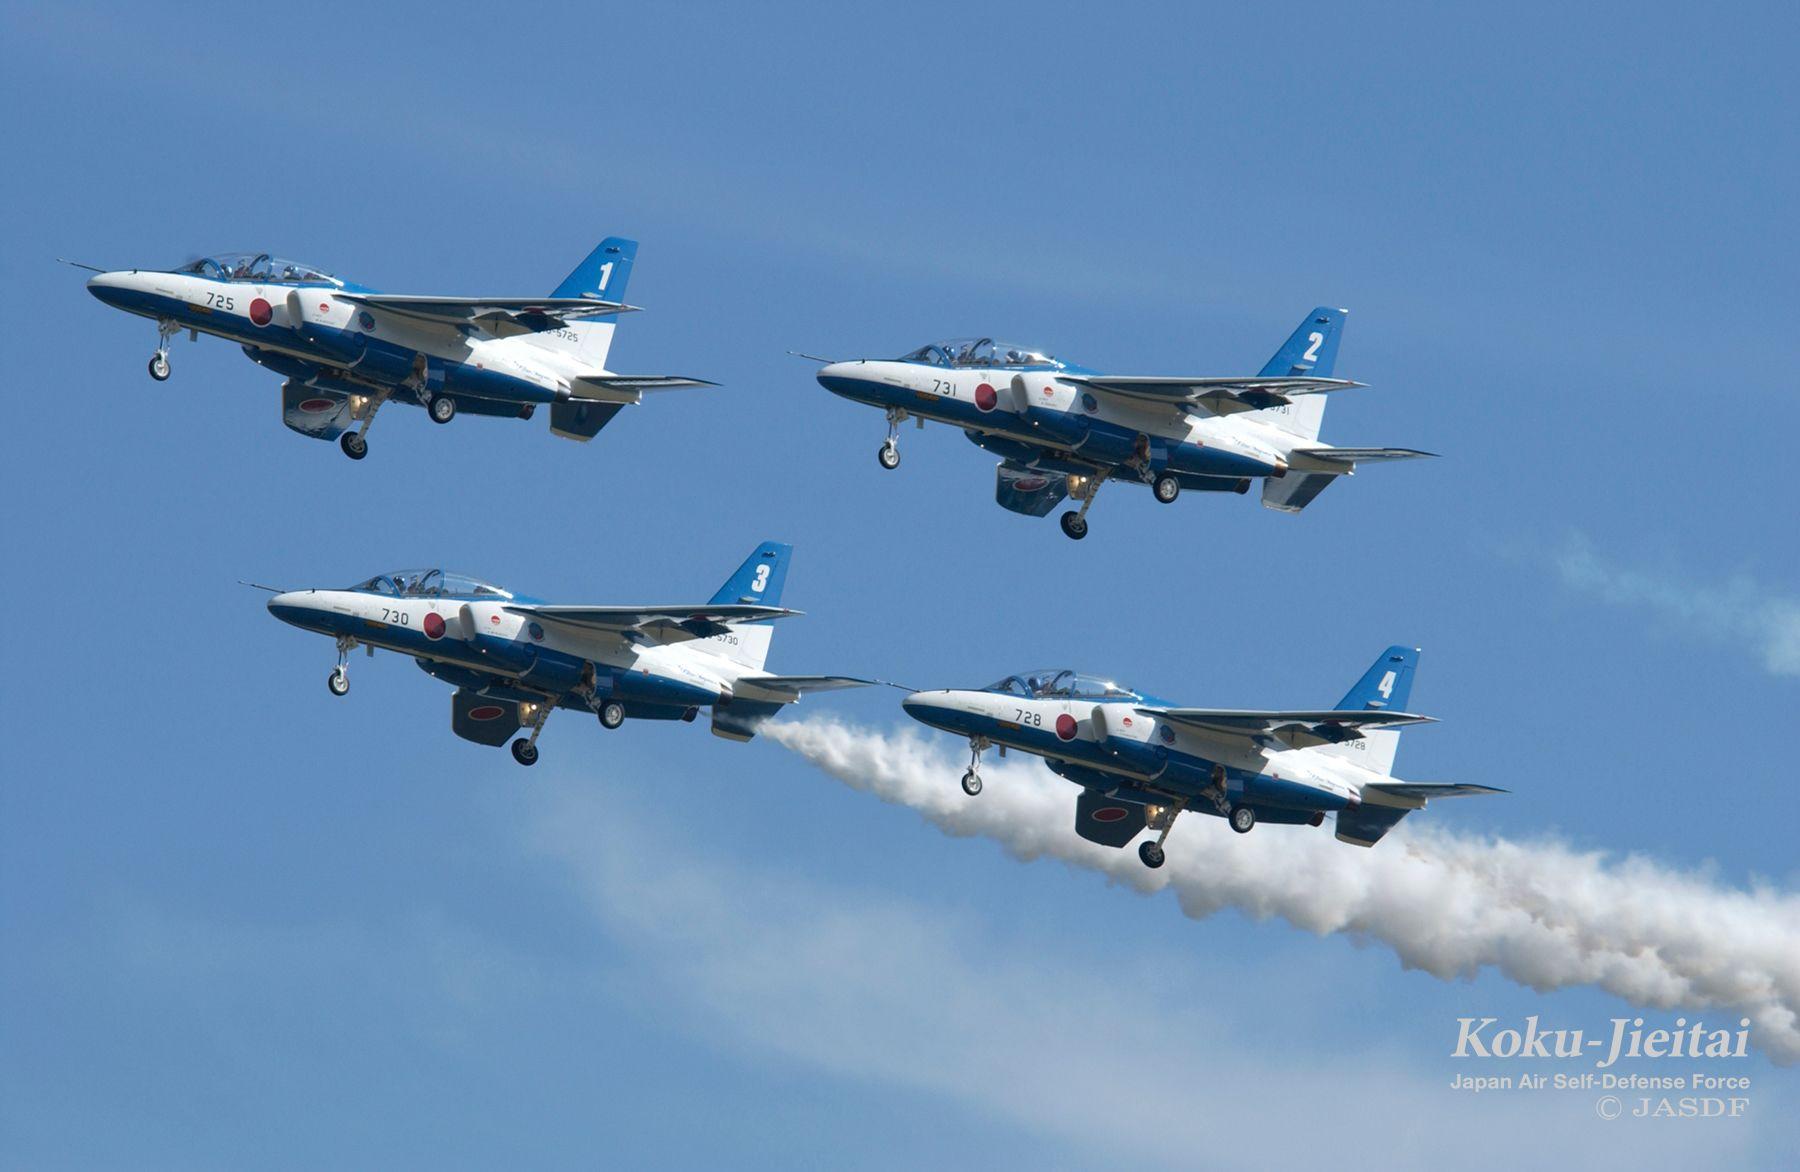 最高の壁紙 ほとんどのダウンロード ブルー インパルス 壁紙 壁紙 ブルー アクロバット飛行